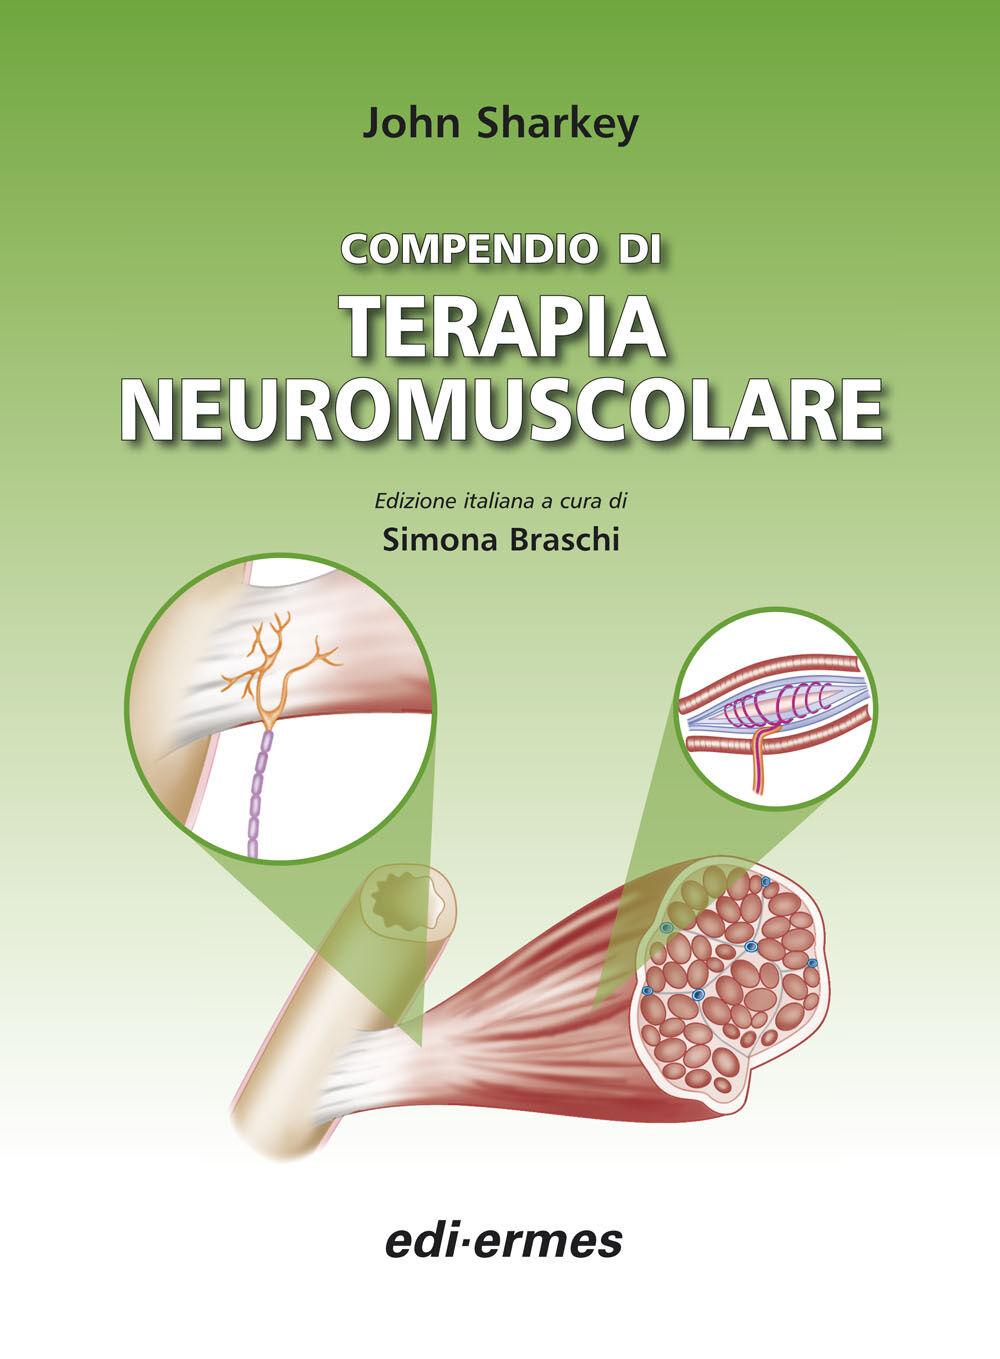 Compensio di terapia neuromuscolare